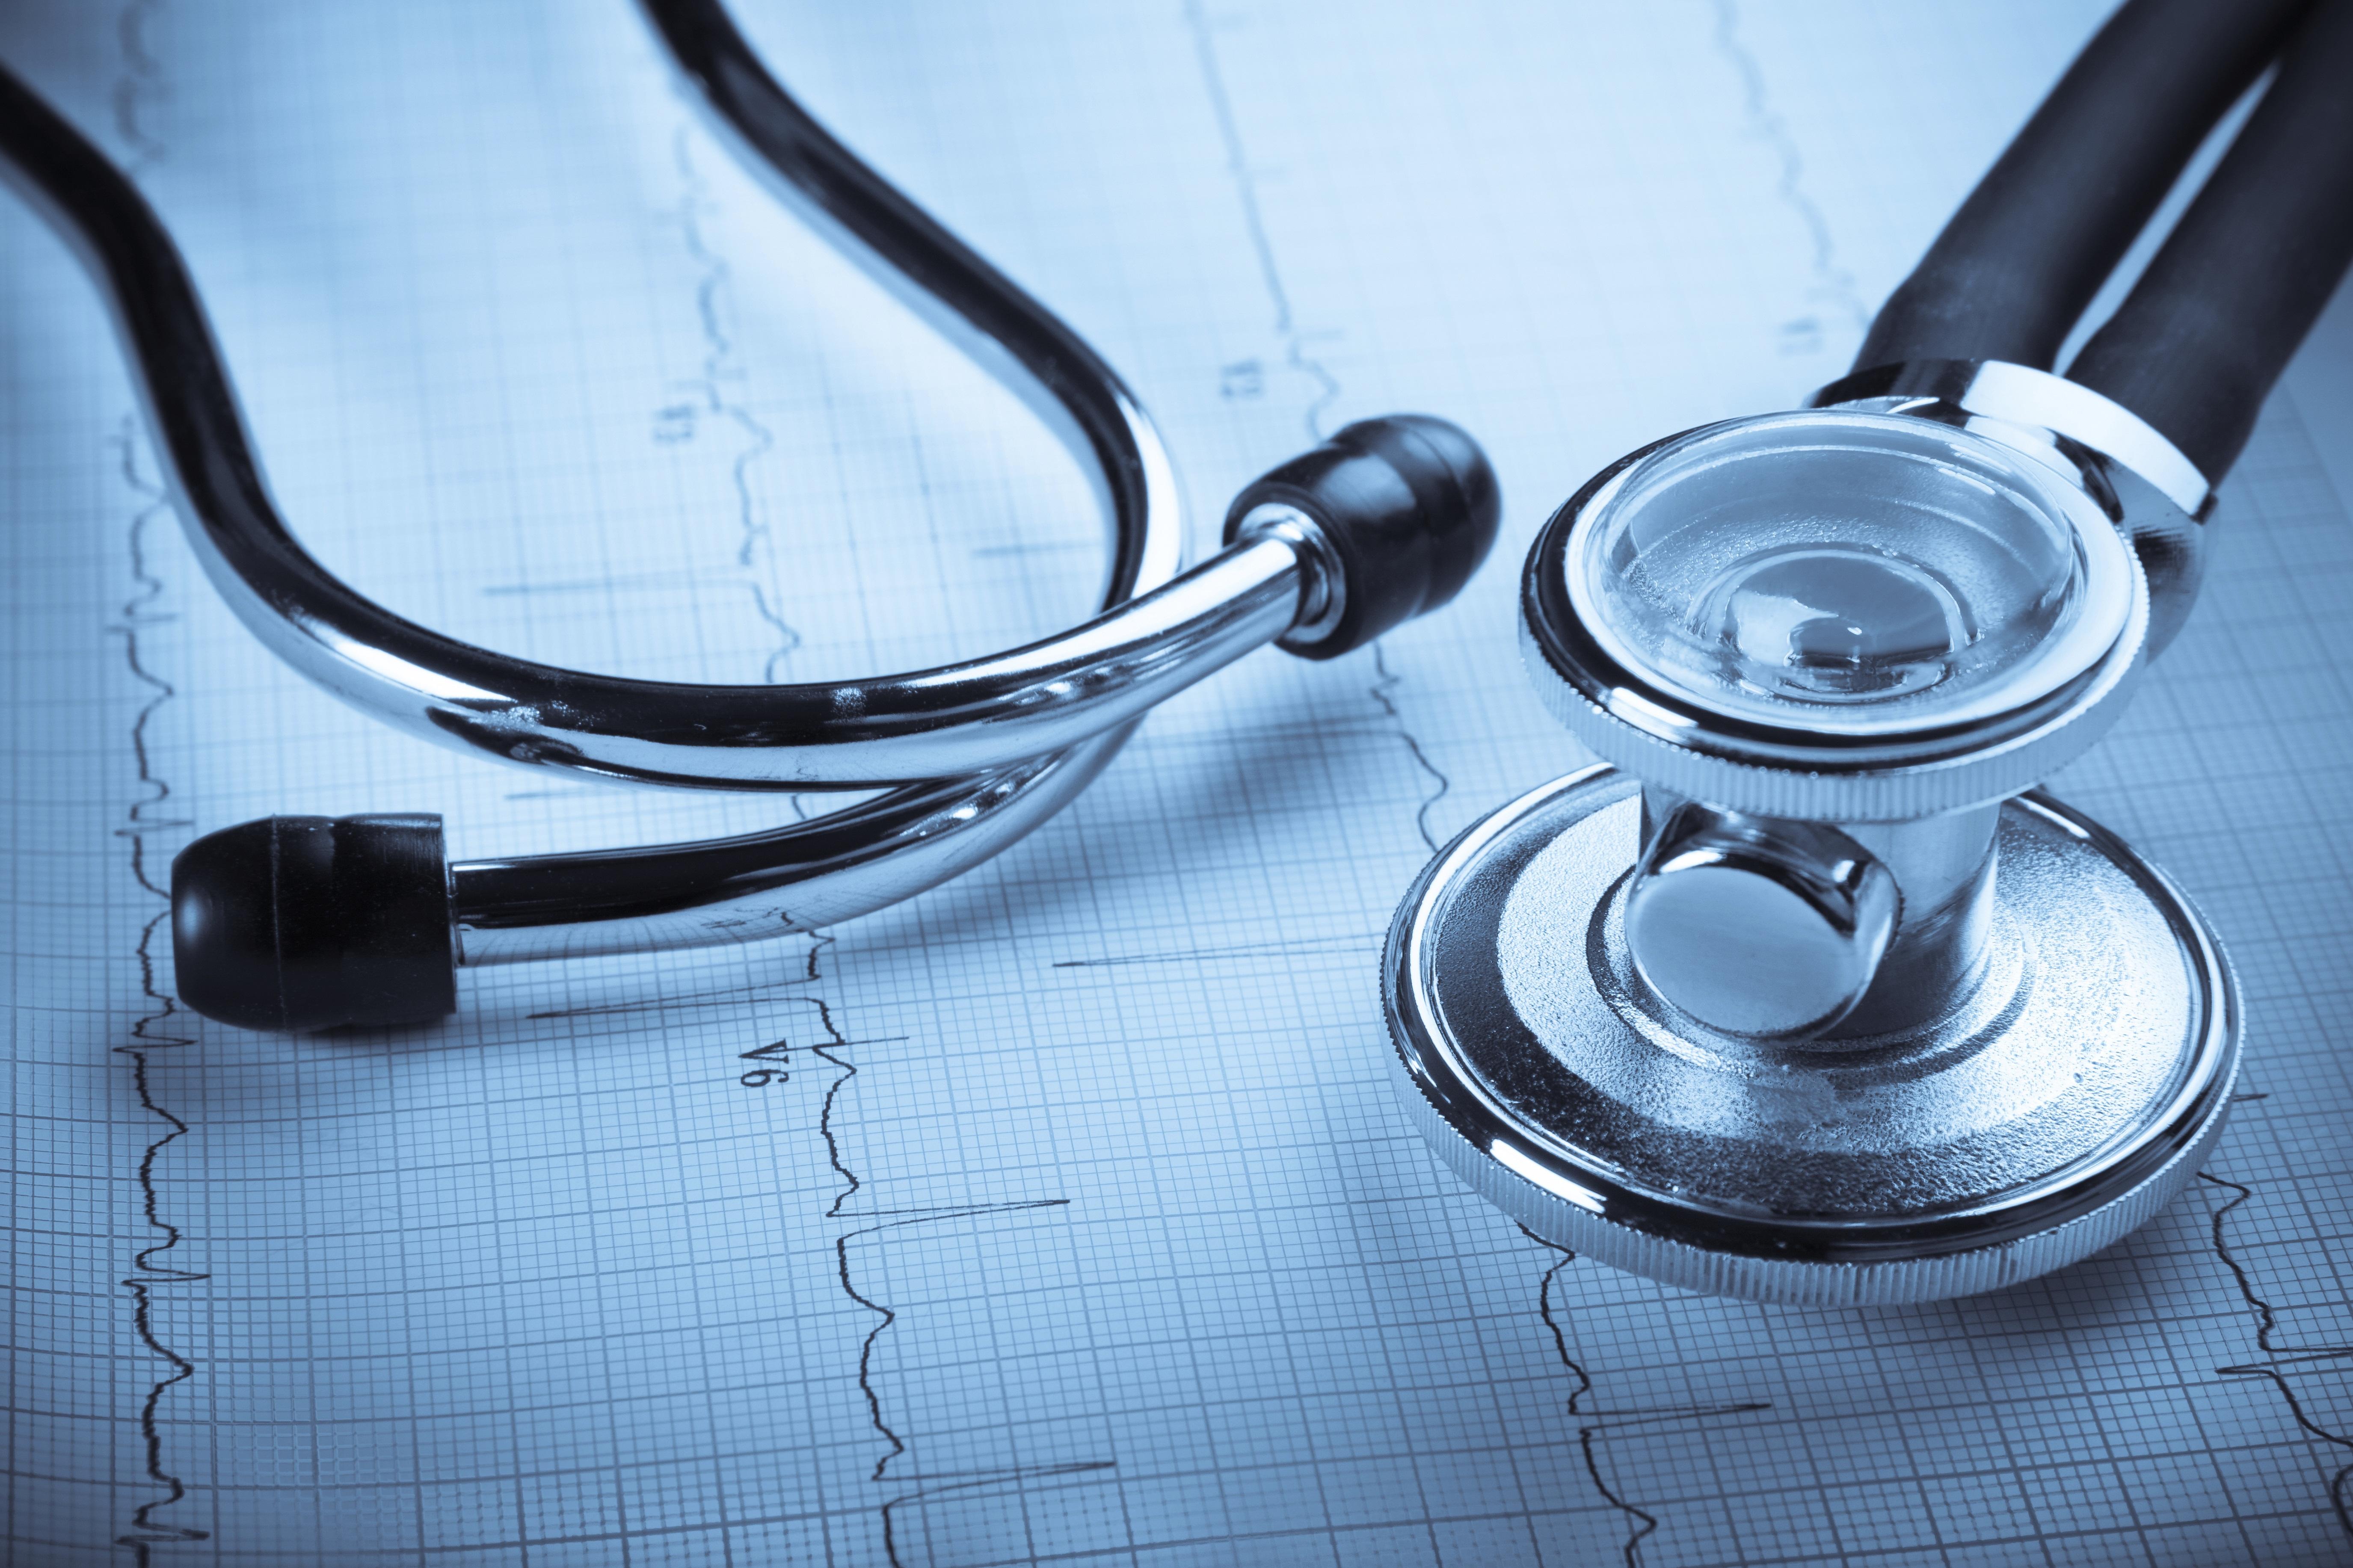 Doctors stethoscope medical equipment 5k Retina Ultra HD 5500x3666